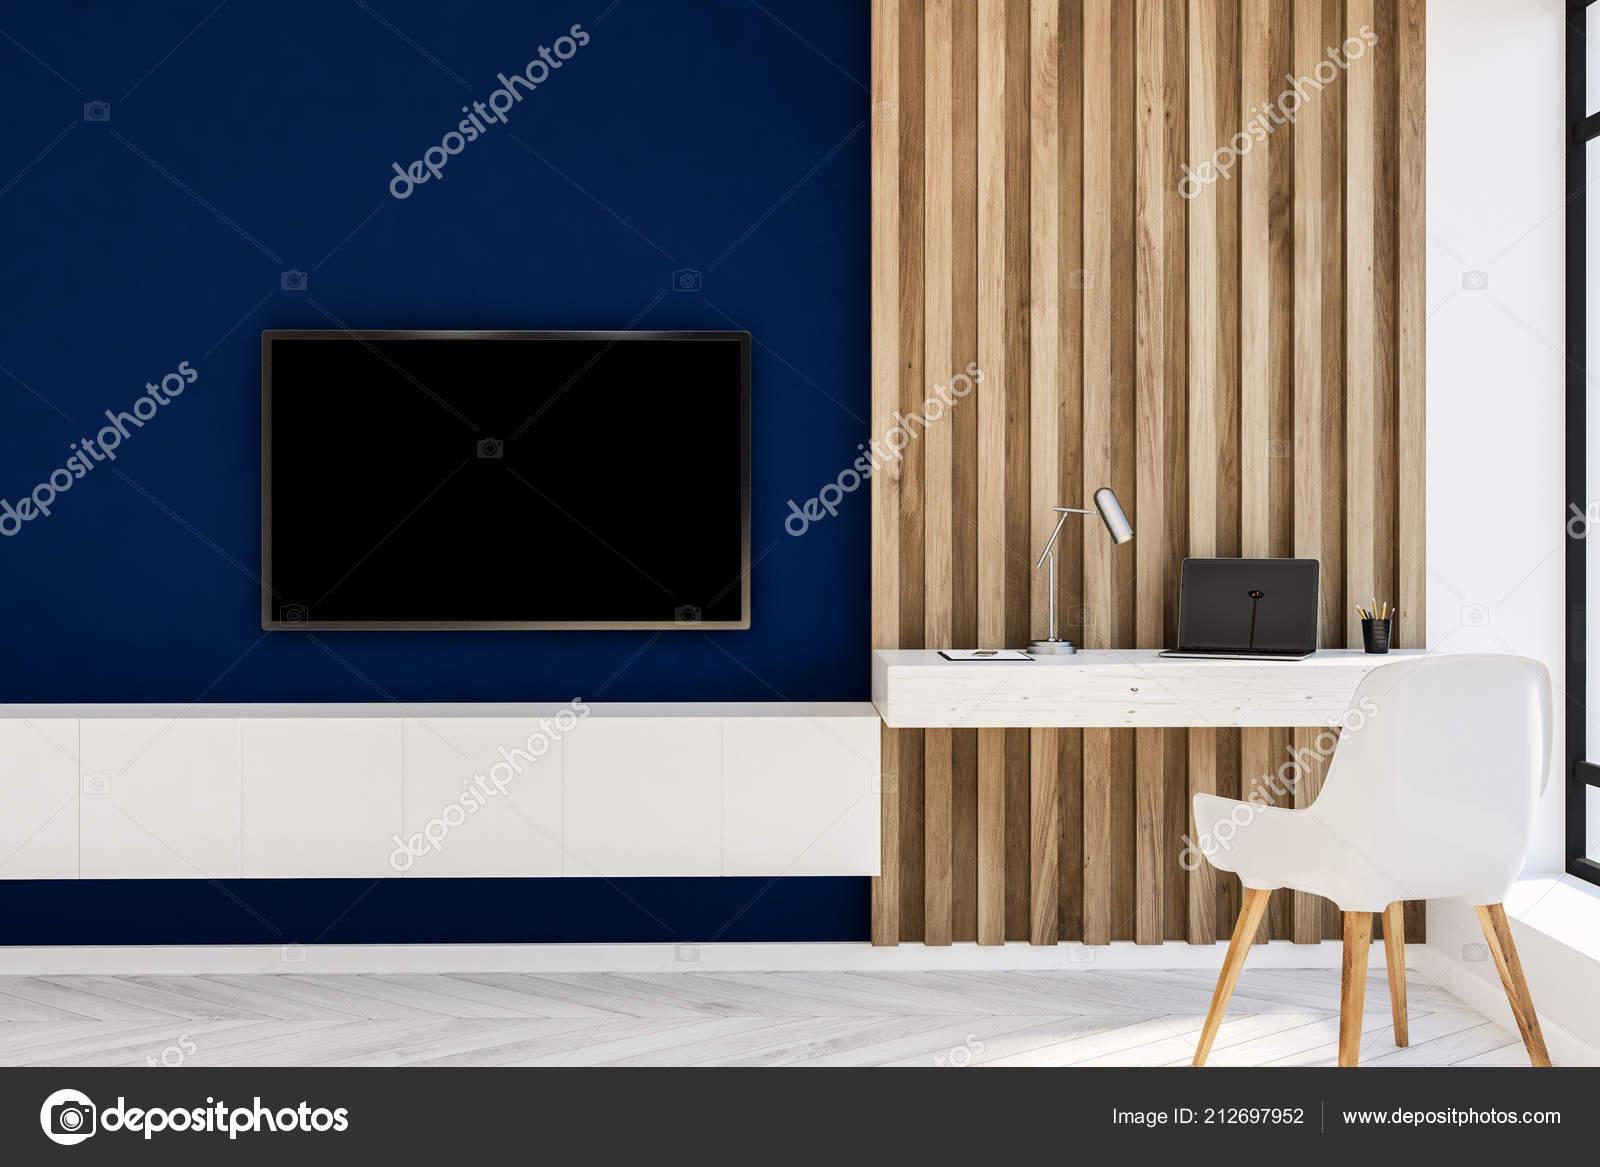 Vue face bureau style maison bleu bois mur salle séjour